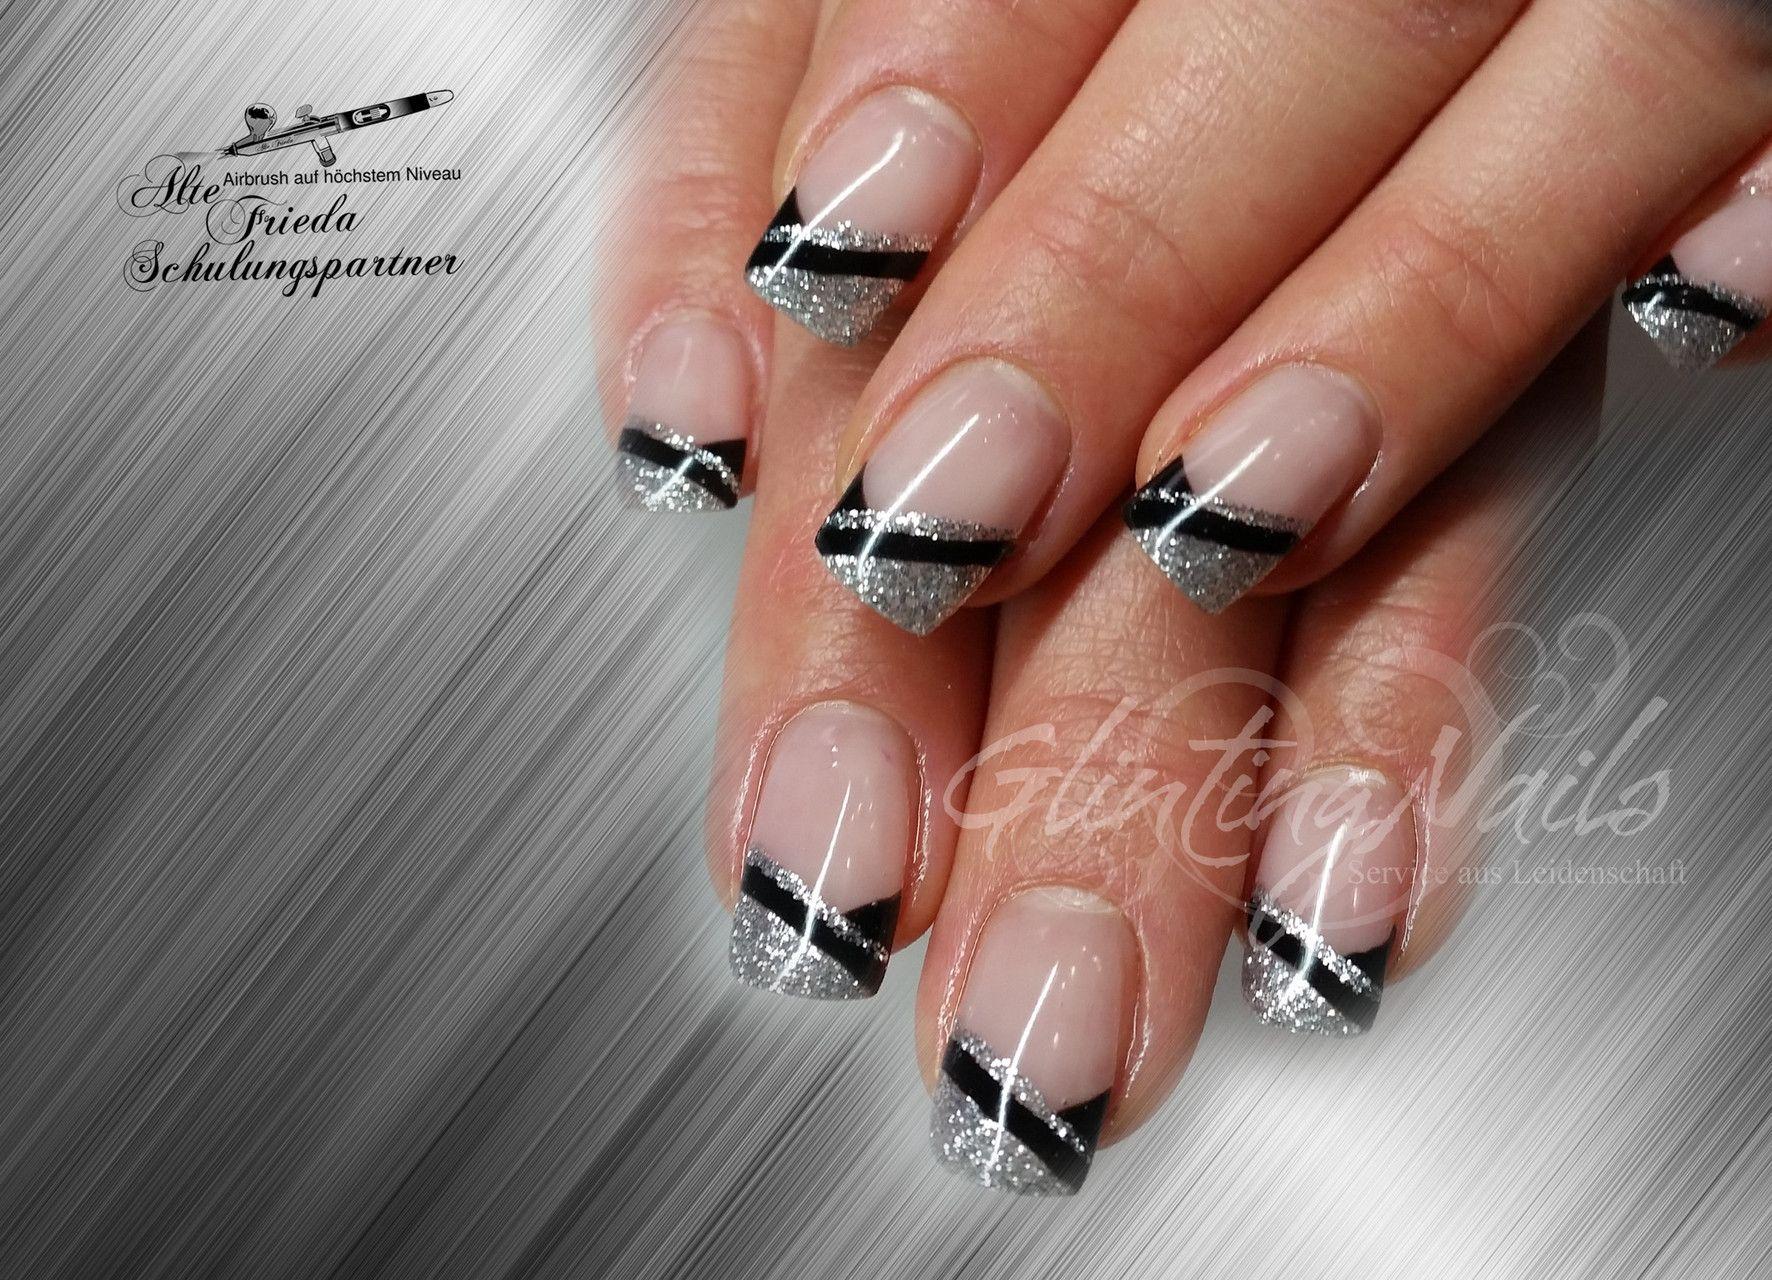 French Nails Muster Schlicht Nagelatelier Instagram Posts Gramha